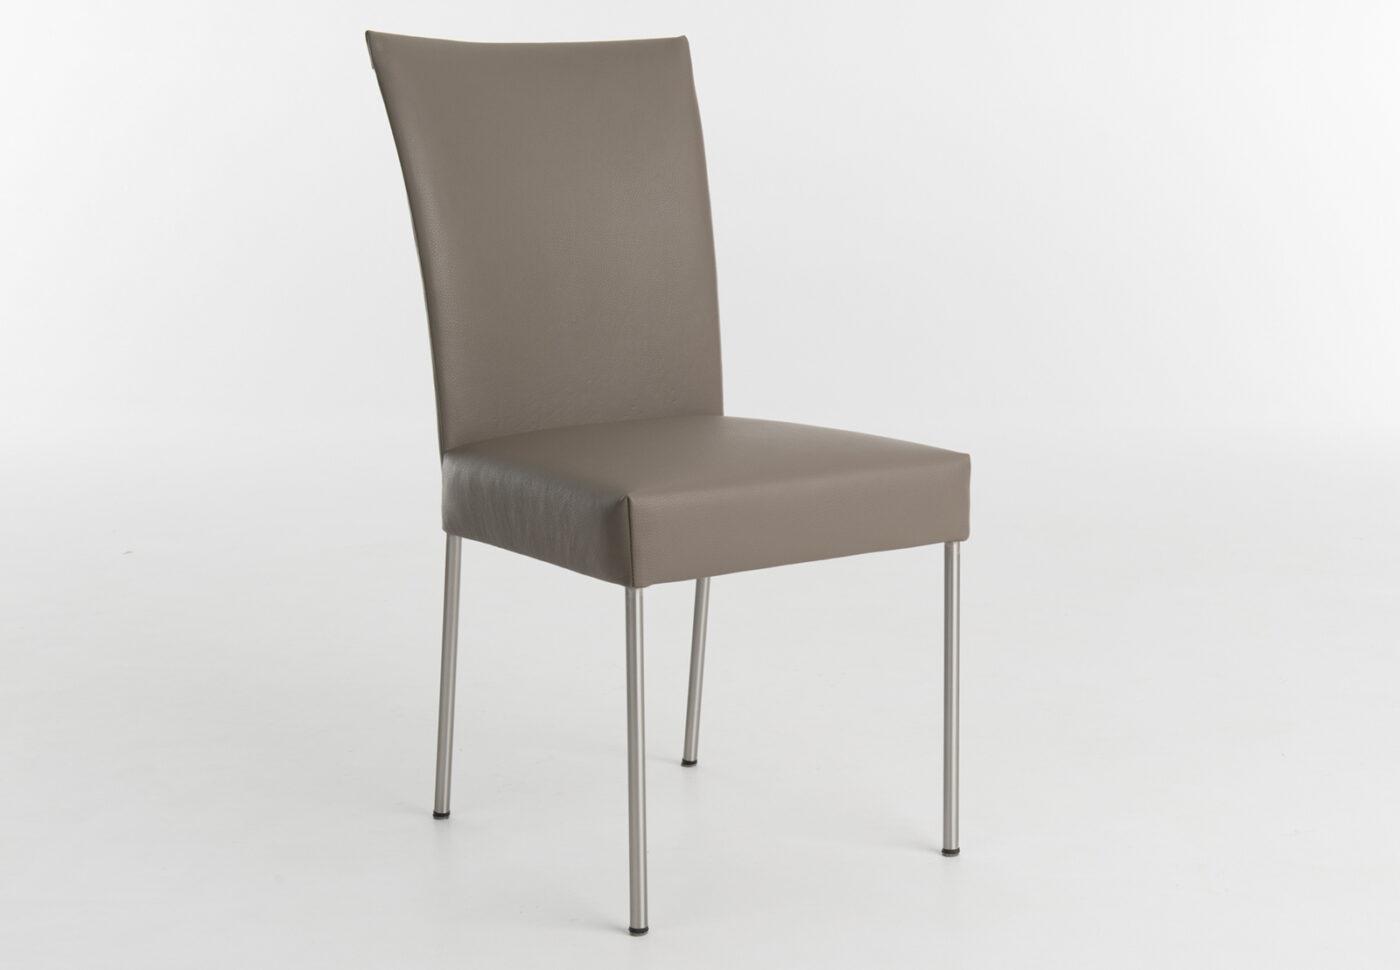 Felp stoel